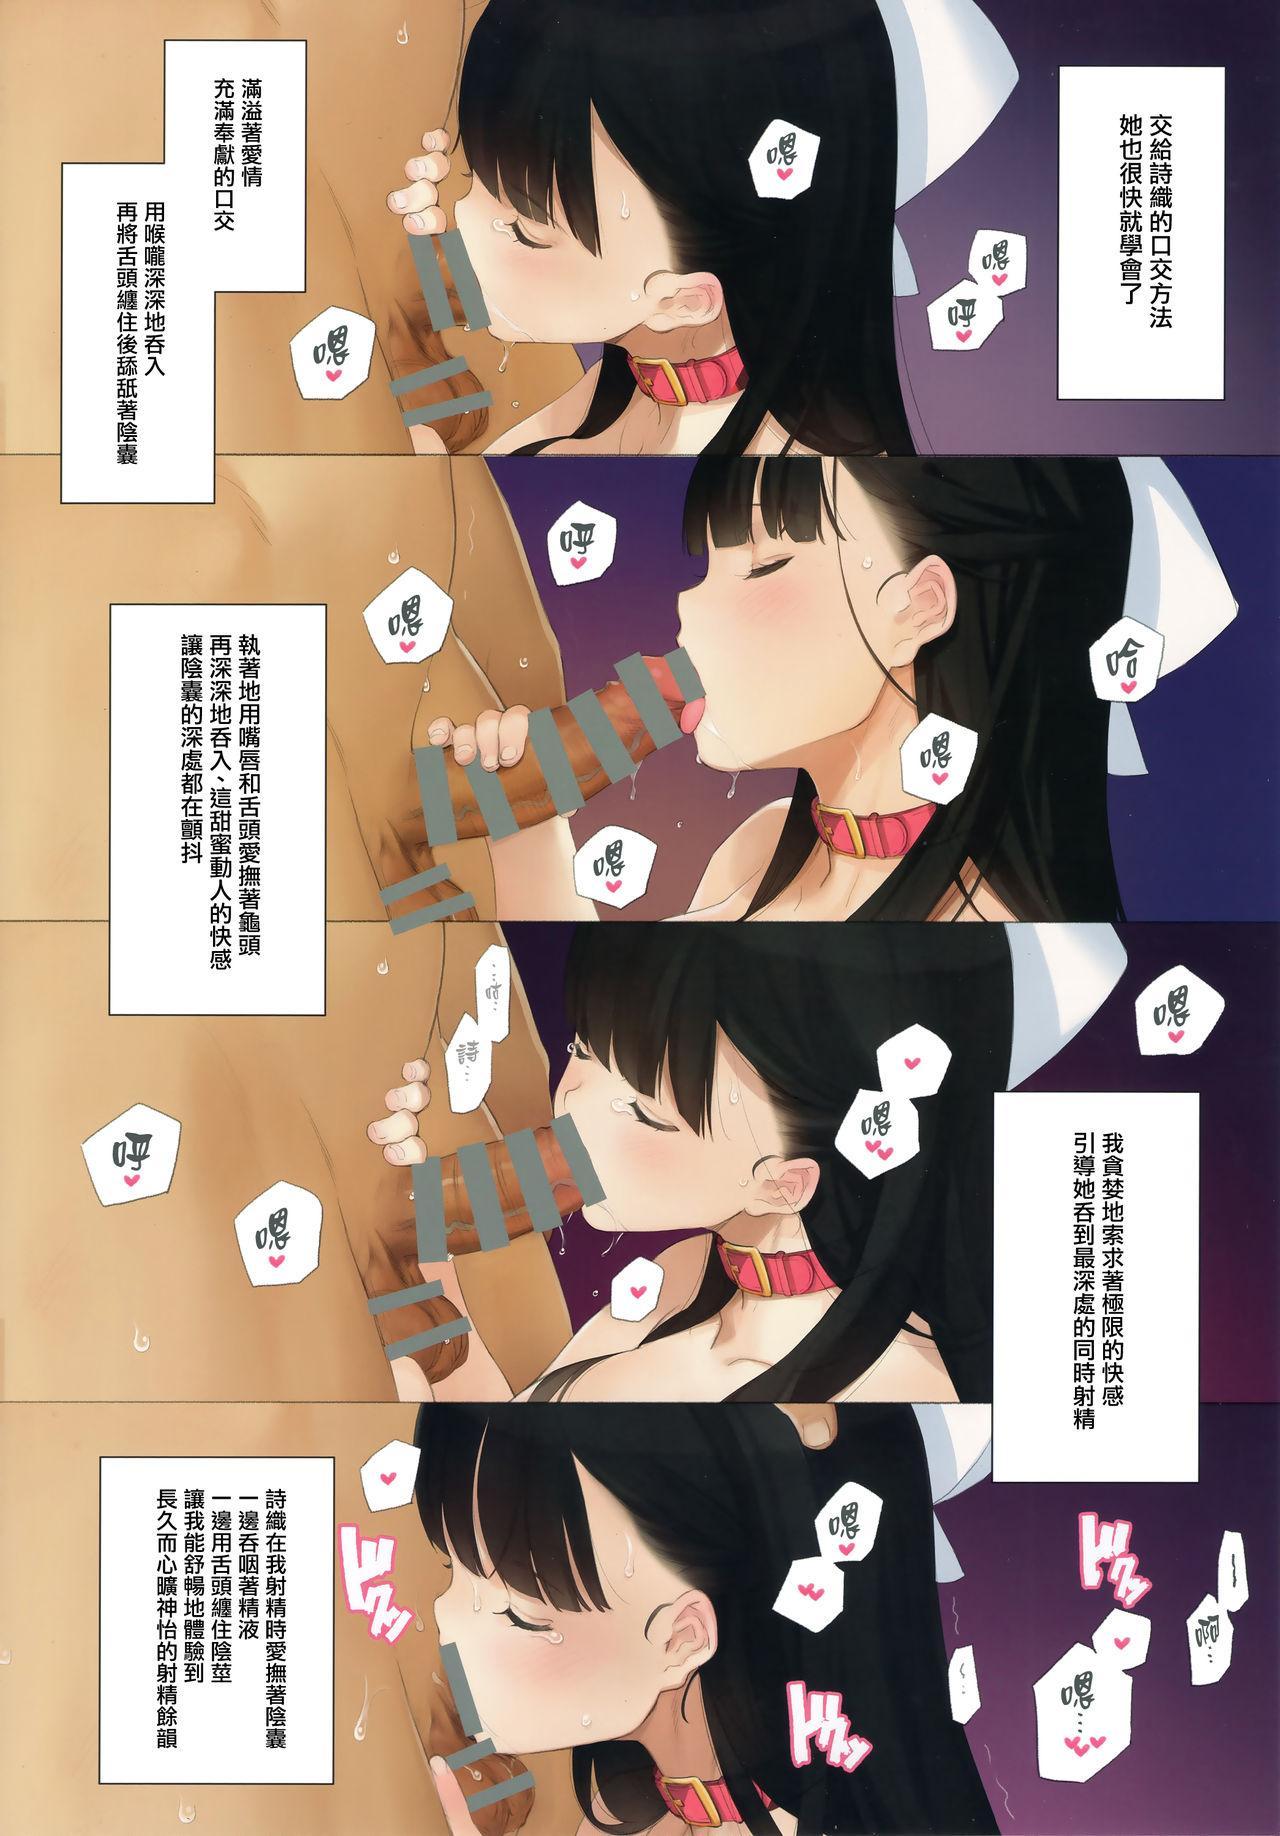 Uchi no Meishimai ga Yuuwaku Shite Kuru 21